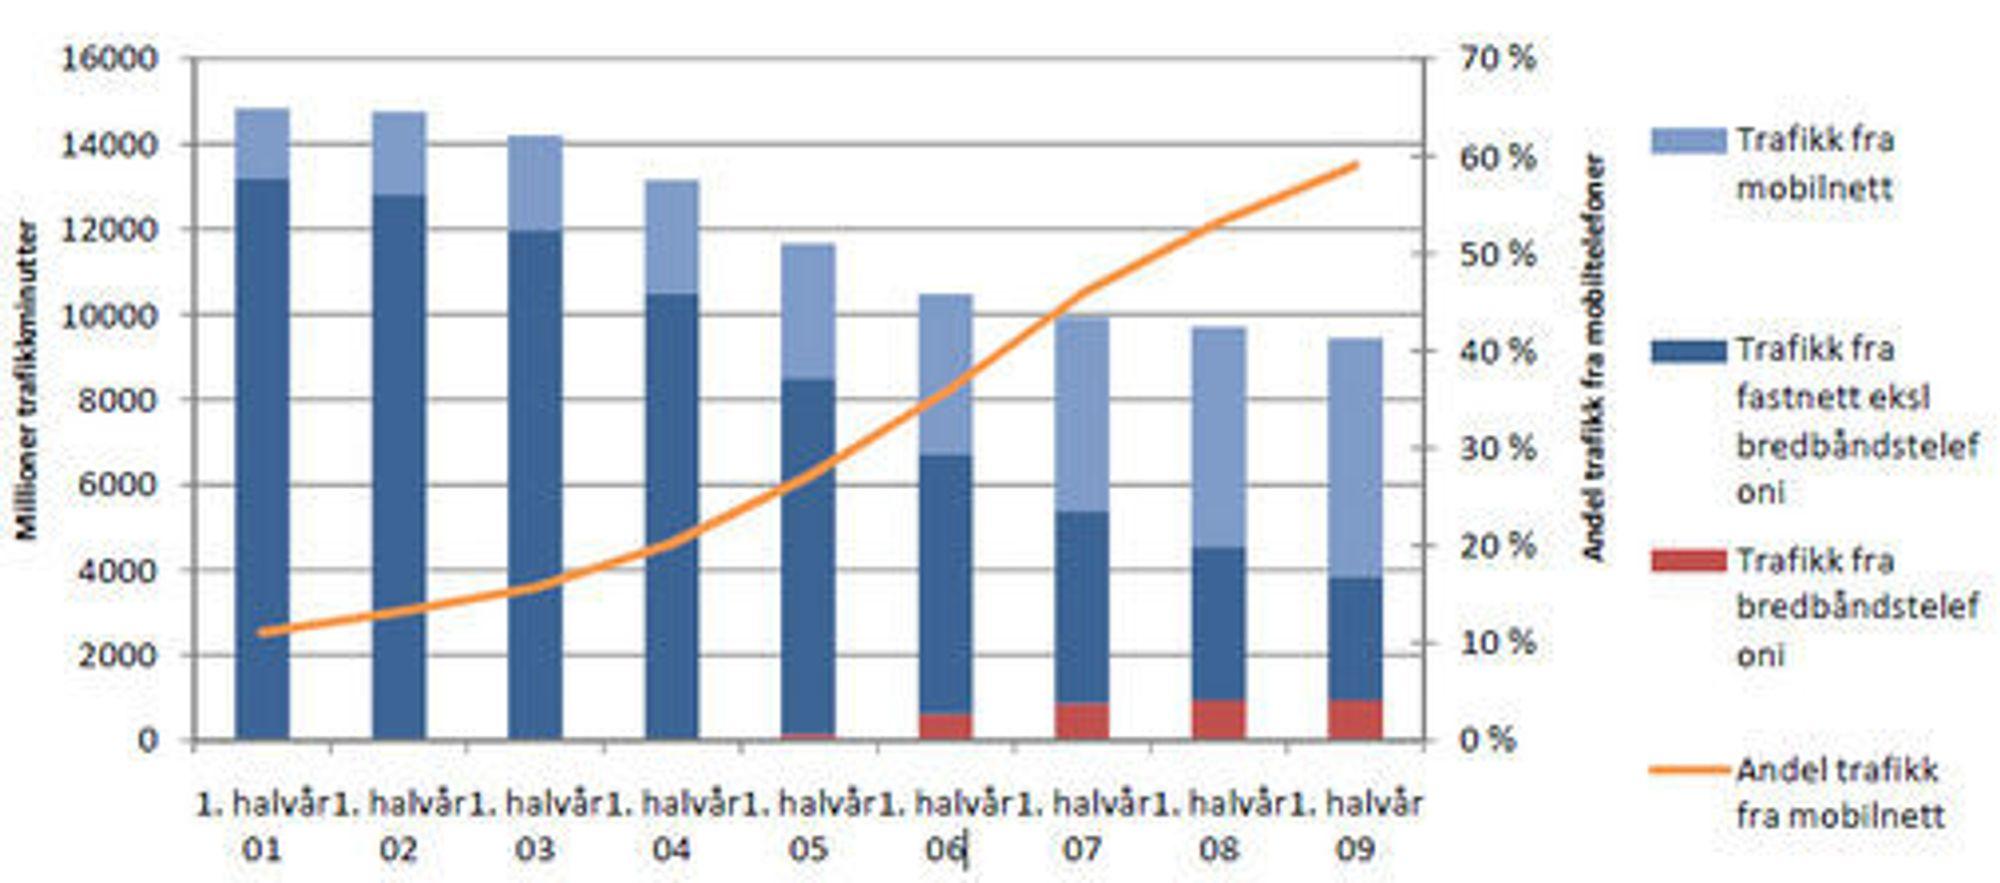 Totalt trafikkvolum fra fastnett og mobilnett. Kilde: Post- og teletilsynet